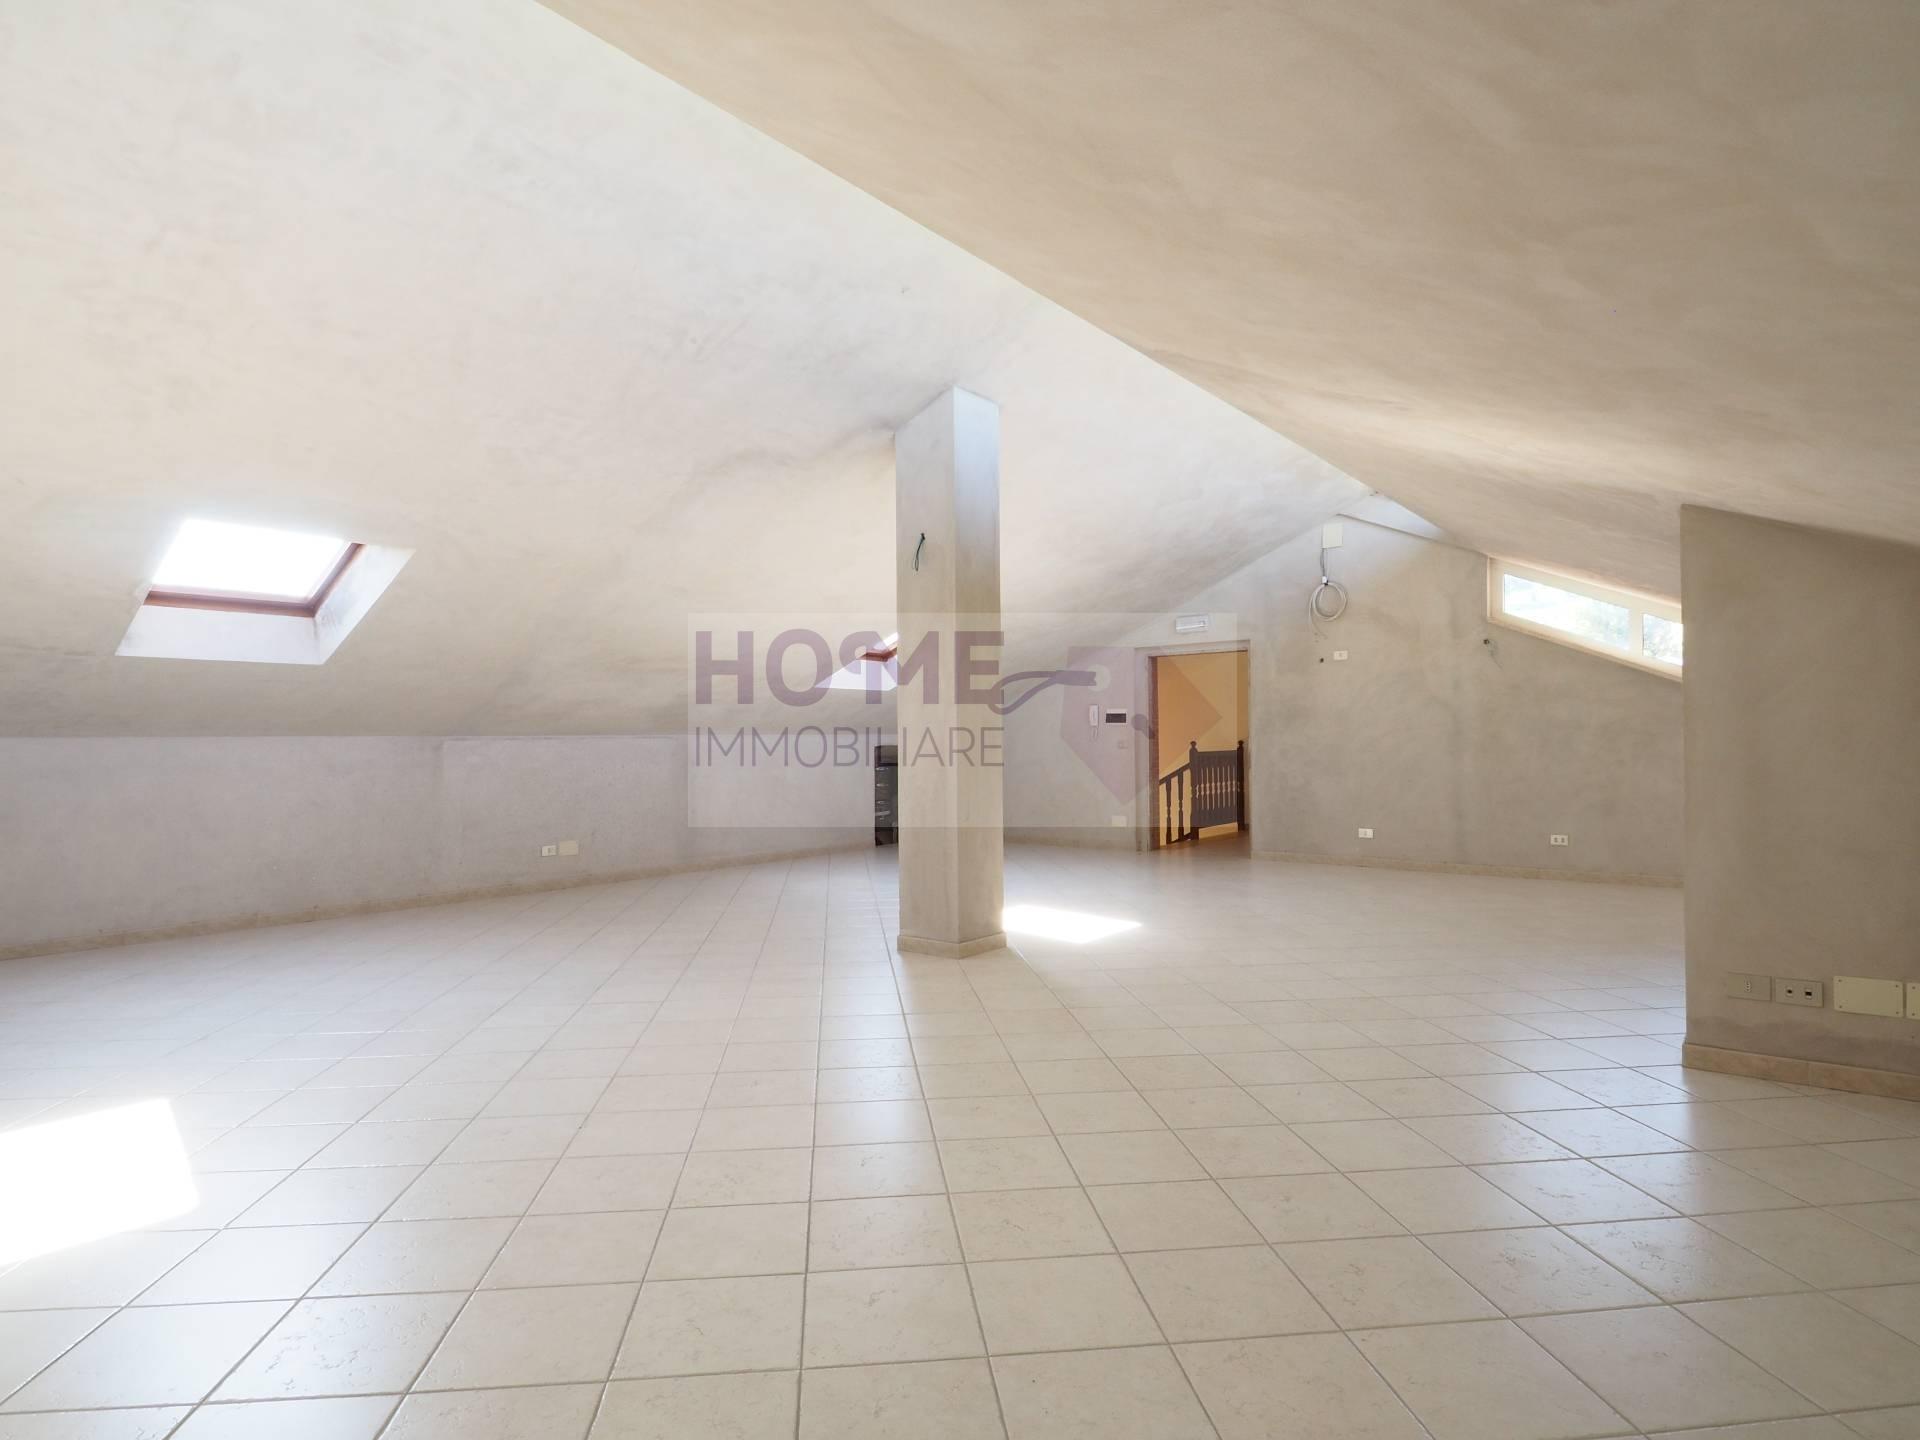 vendita casa indipendente macerata piediripa  380000 euro  12 locali  246 mq